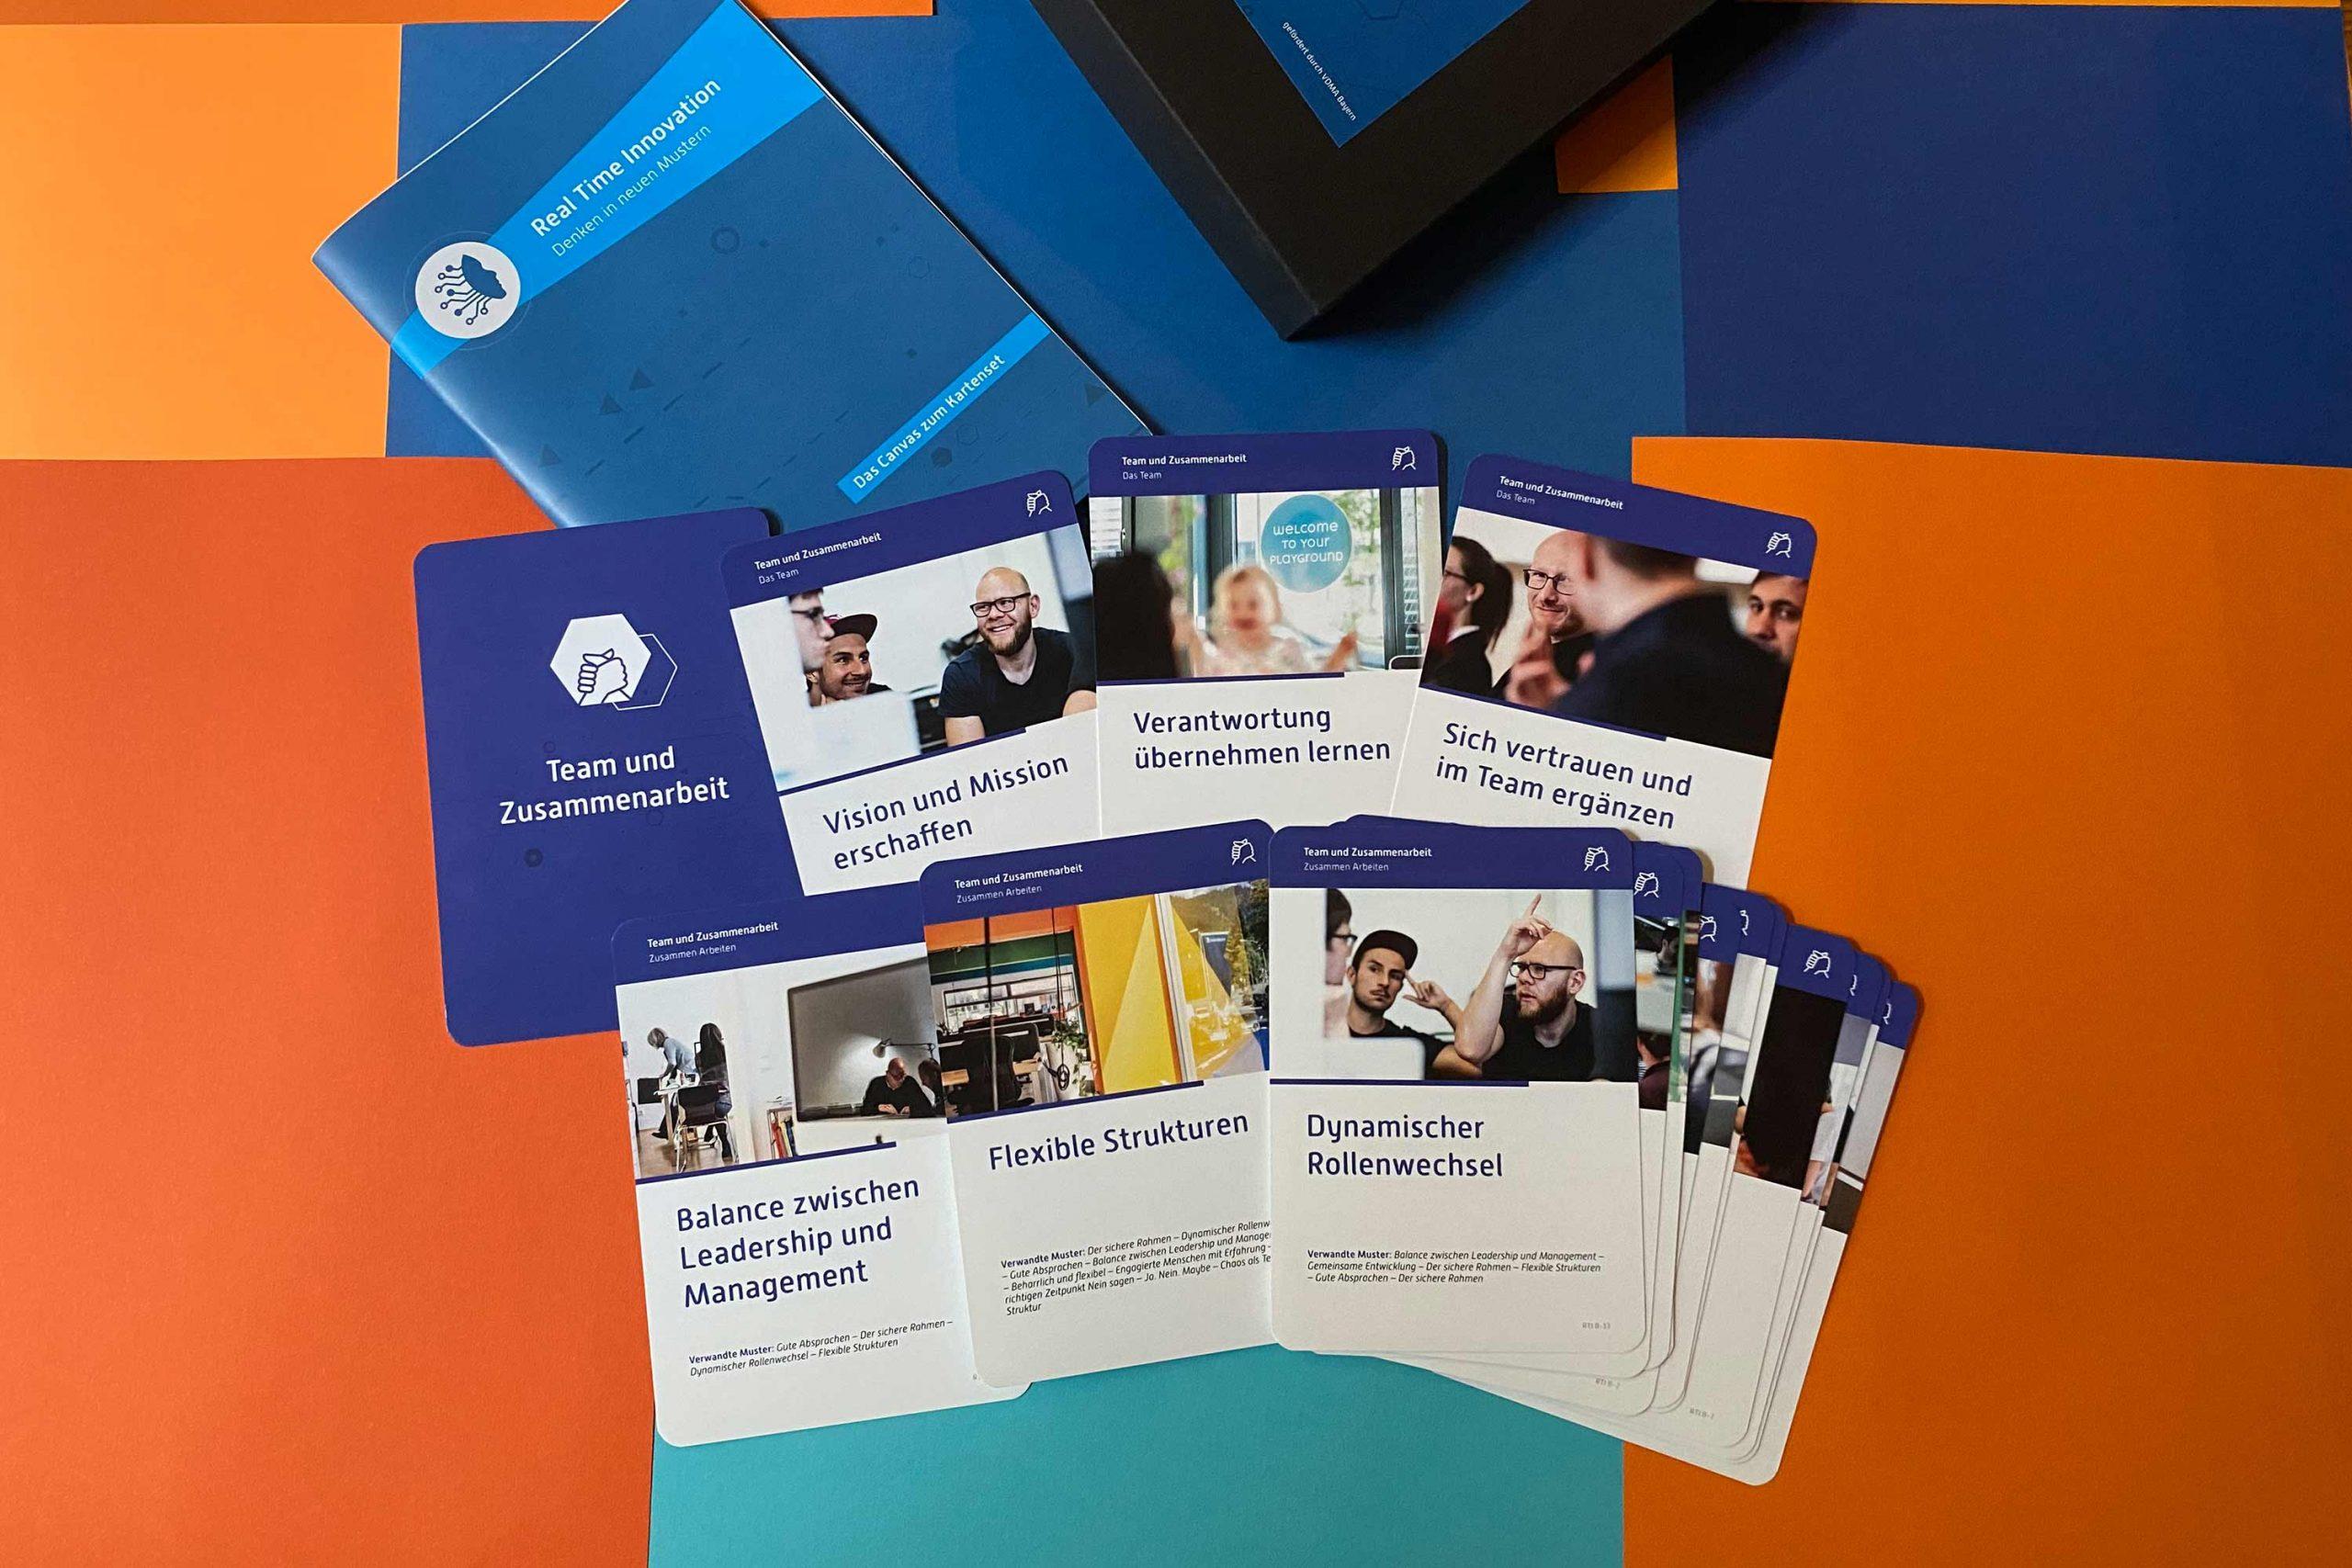 Real Time Innovation - Team und Zusammenarbeit - REINVENTIS